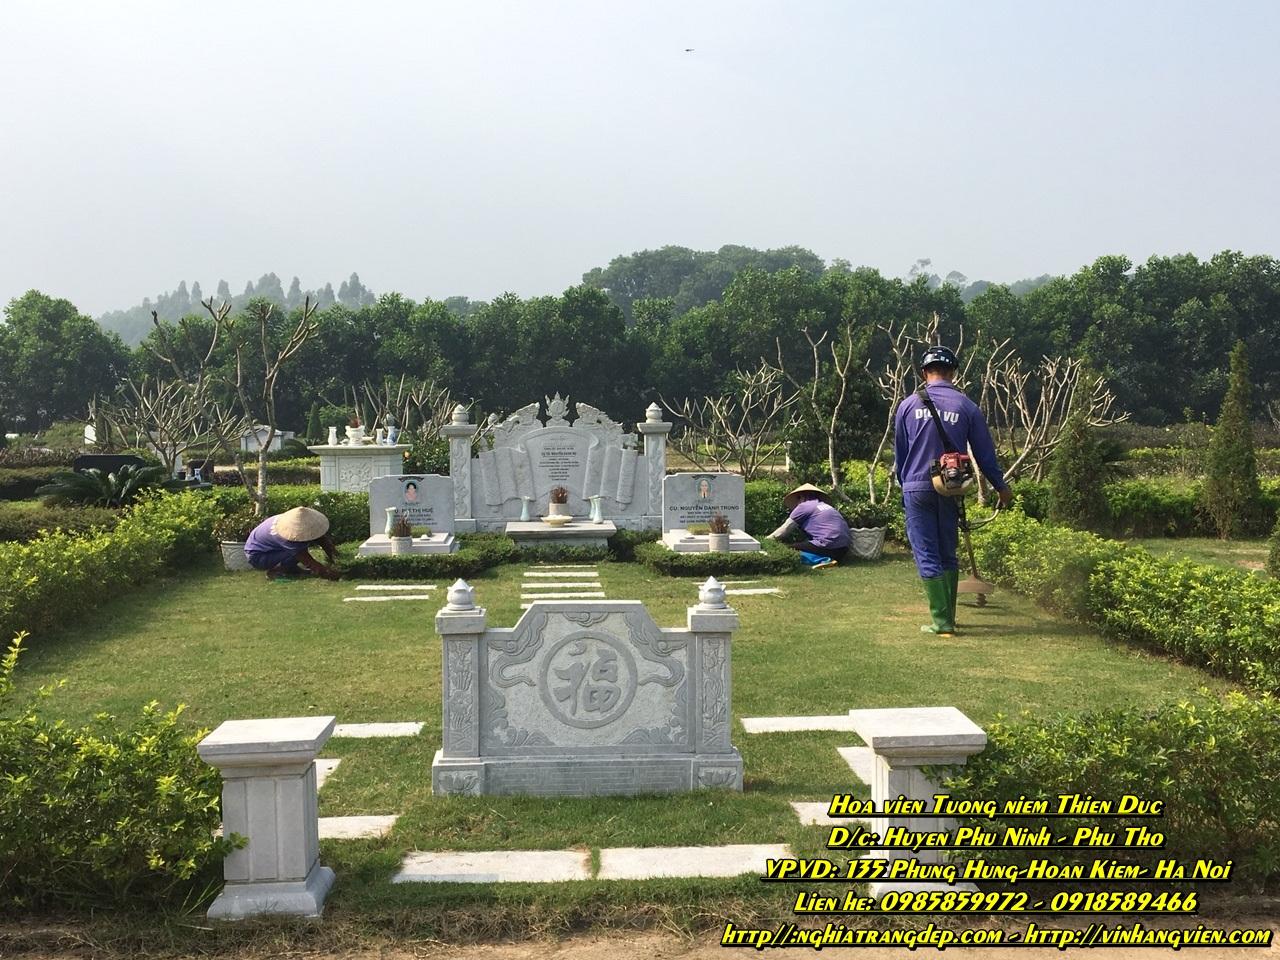 Khu đất nghĩa trang Vĩnh Hằng Viên giá rẻ tại Hà Nội Dat-nghia-trang-vinh-hang-gia-re